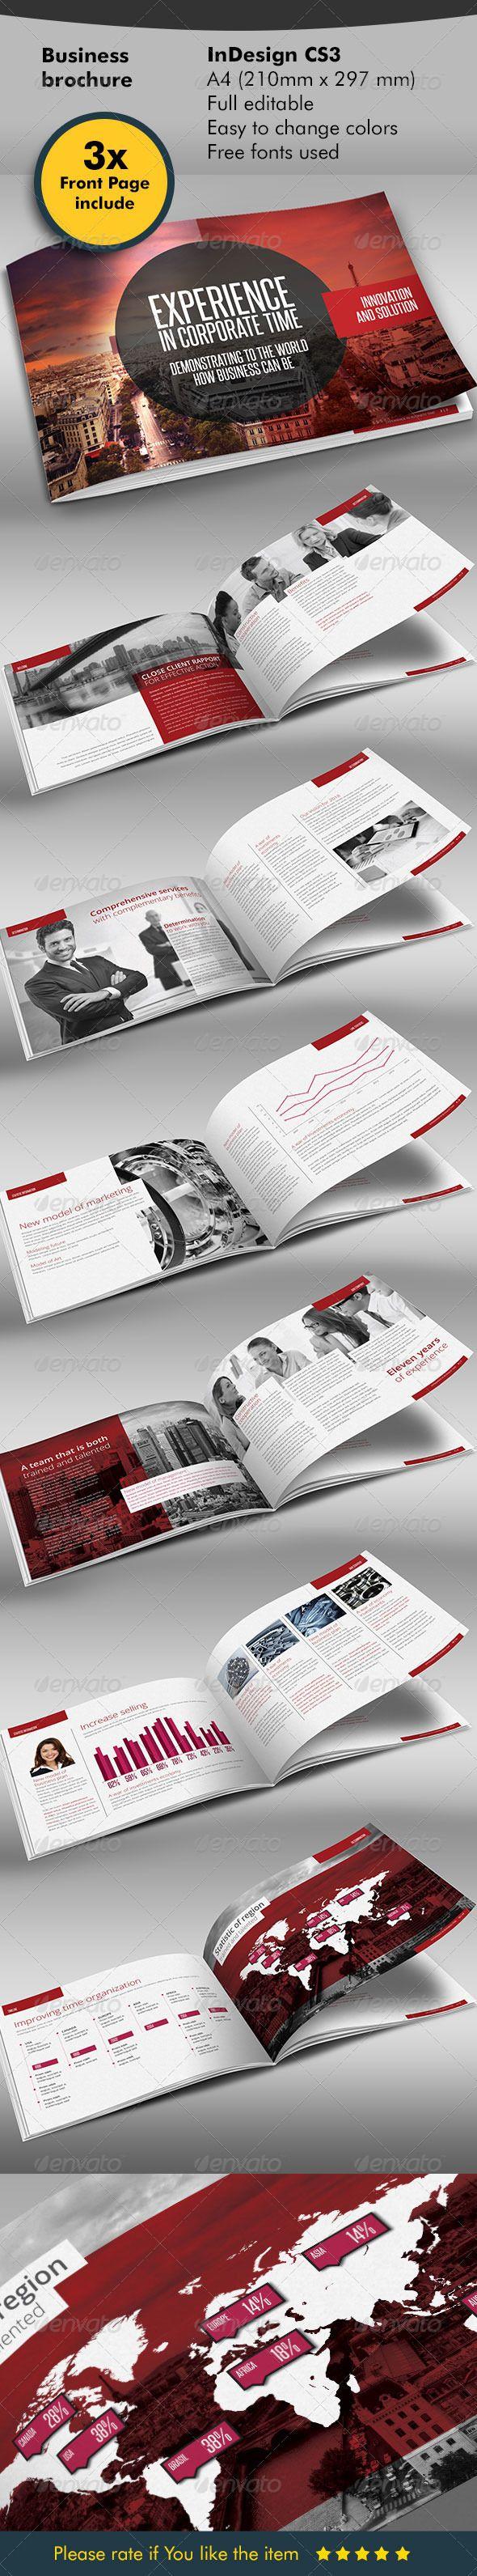 Red Black Design Brochure   Folletos, Revistas y Diseño editorial